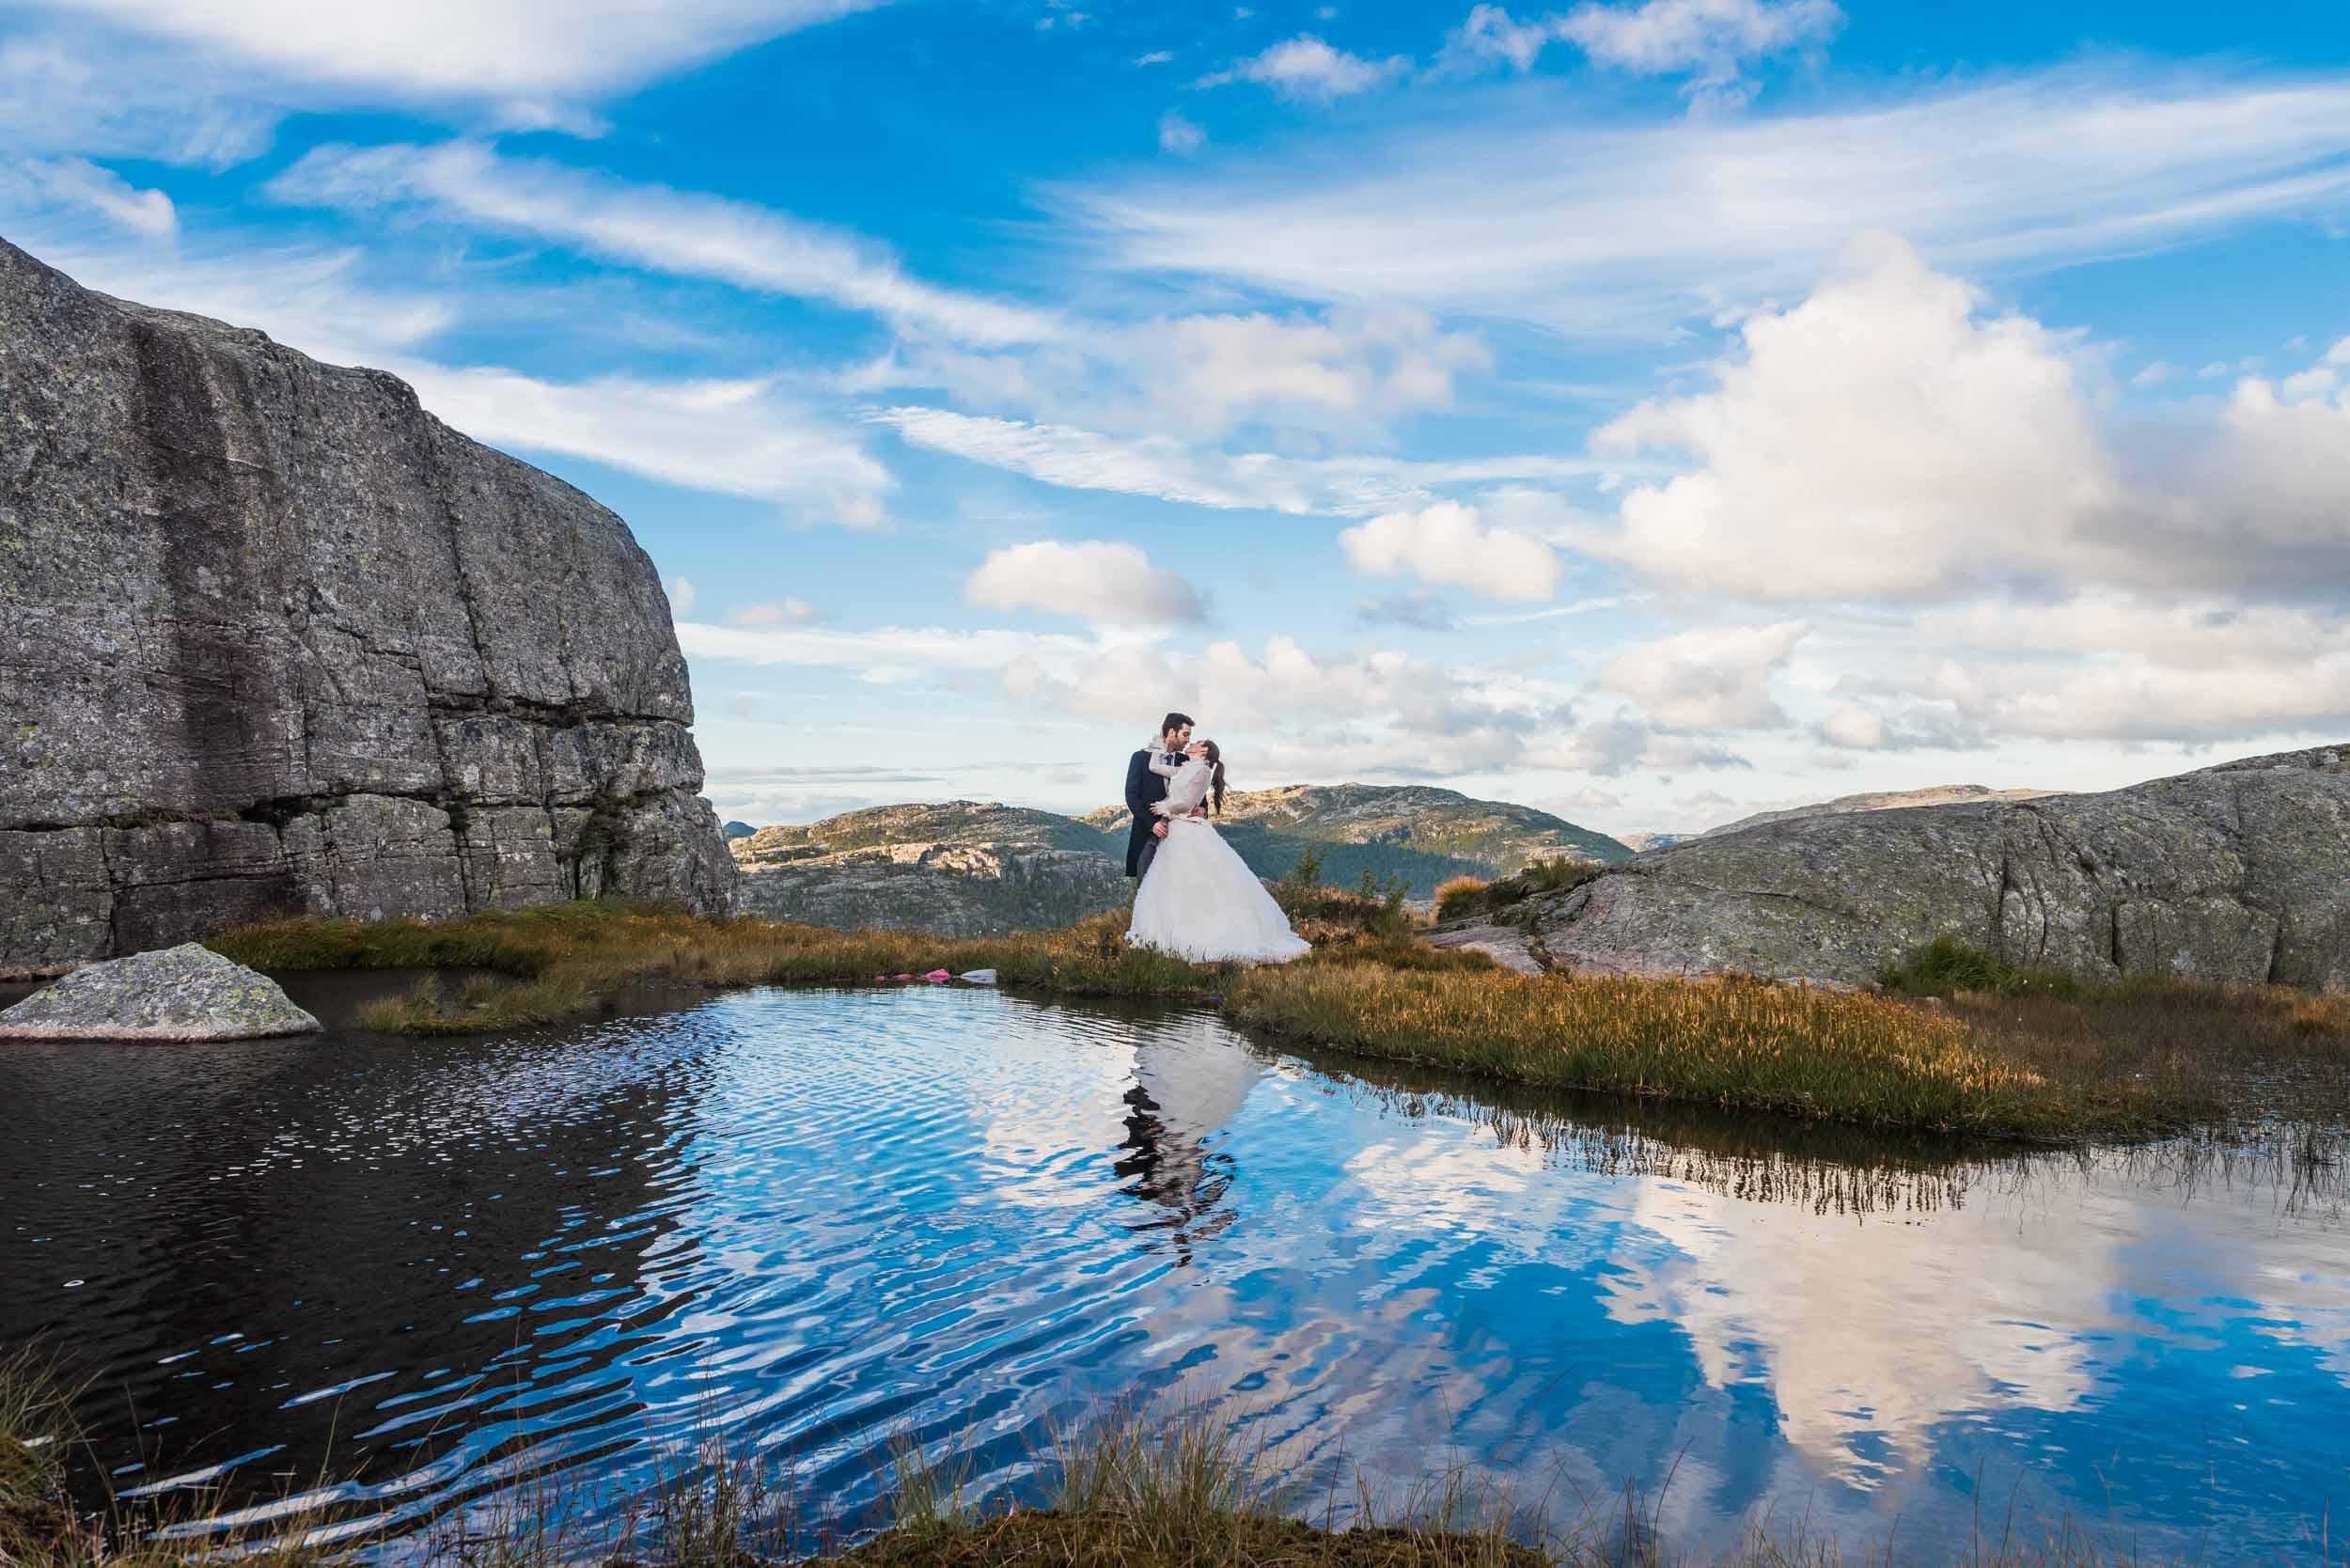 Antonio & Cati Post boda en Noruega. 2017 11